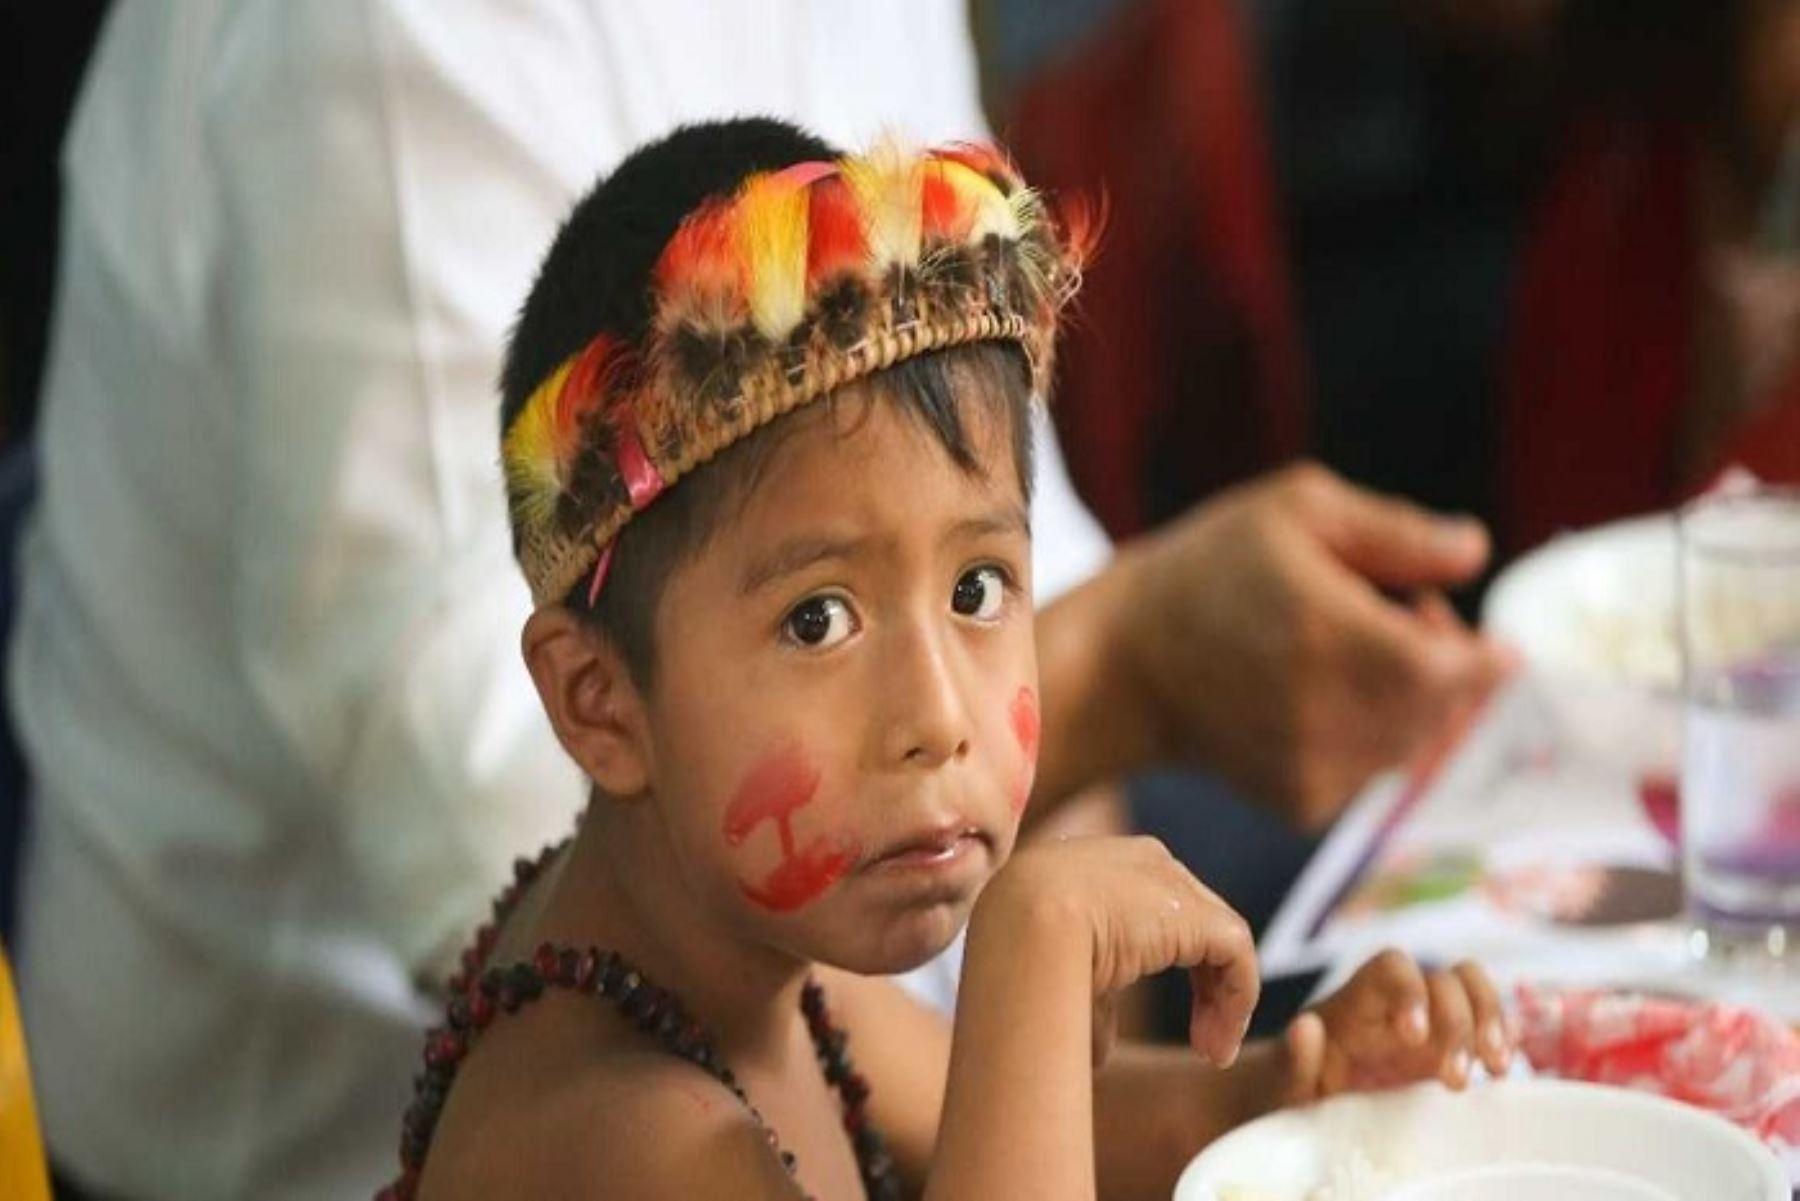 Todos los programas sociales del Ministerio de Desarrollo e Inclusión Social (Midis) están presentes en los Valles de los ríos Apurímac, Ene y Mantaro (Vraem), con intervenciones en siete provincias y 69 distritos de los departamentos de Cusco, Ayacucho, Junín y Huancavelica.